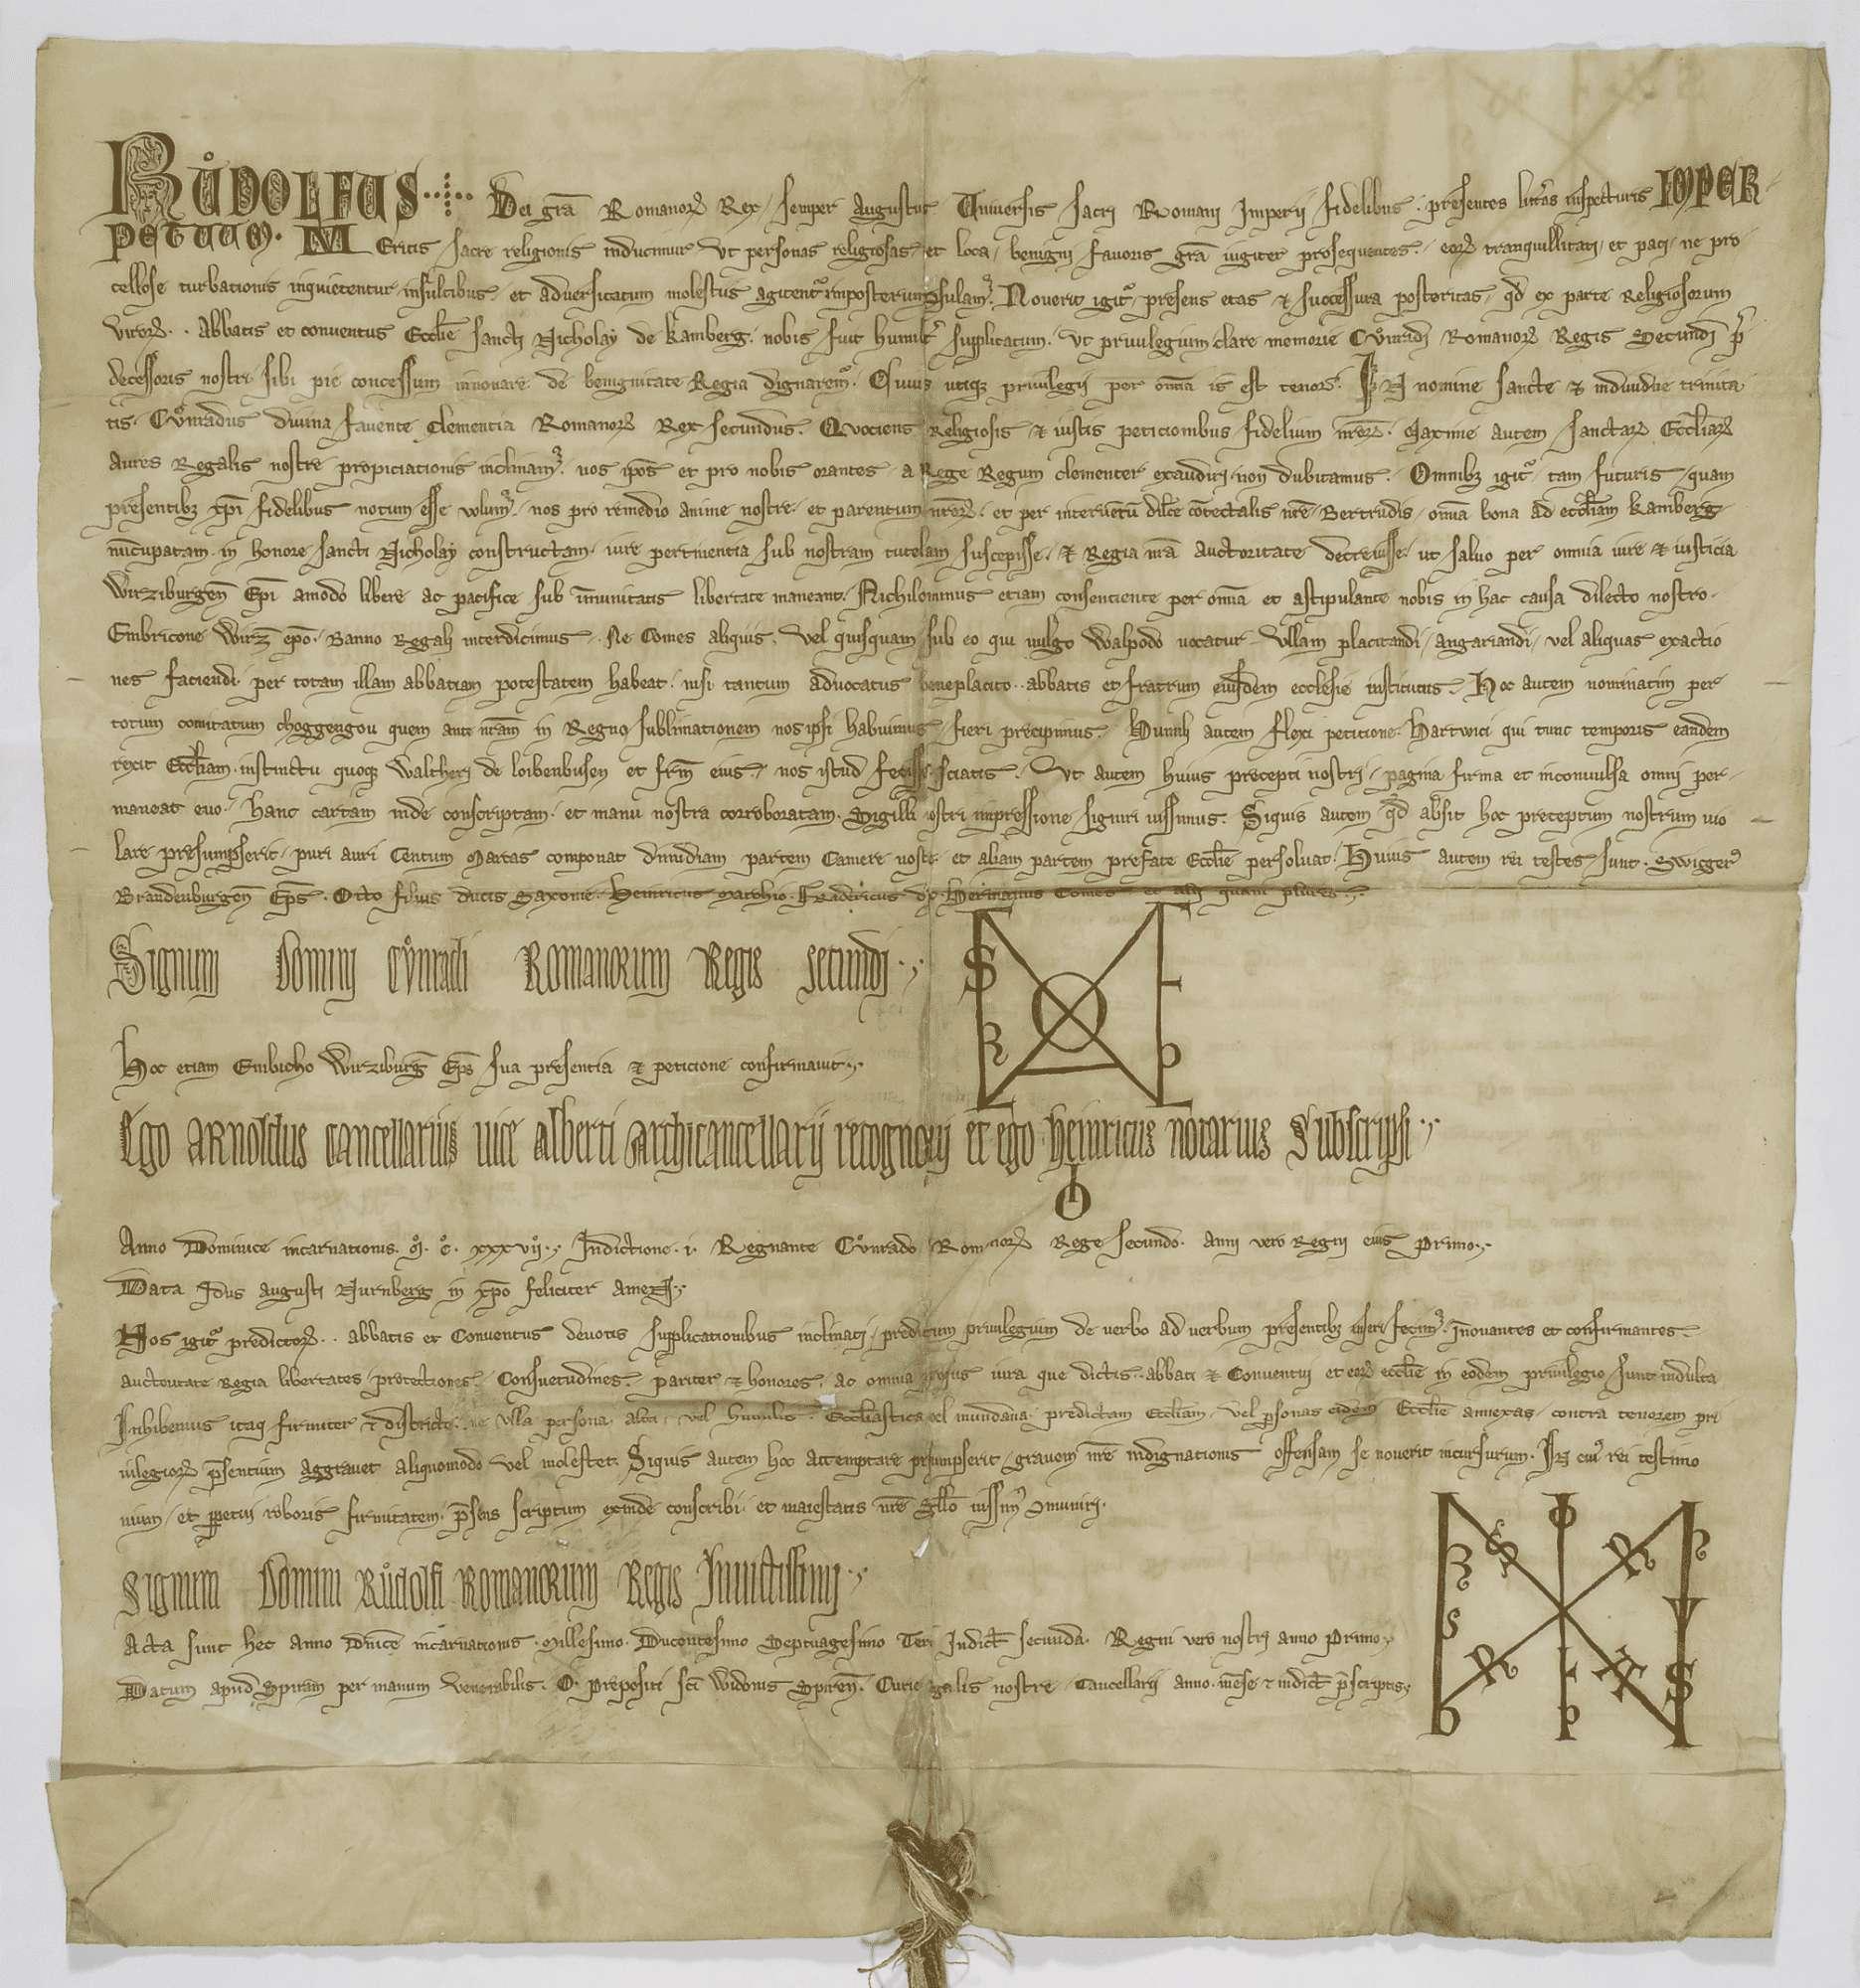 König Rudolf erneuert dem Kloster Comburg das in der Urkunde inserierte Privilegium König Konrads III. von 1138 August 13, wodurch der König das Kloster in seinen Schutz nimmt und von der Amtsgewalt der Grafen und ihrer Stellvertreter befreit., Bild 1